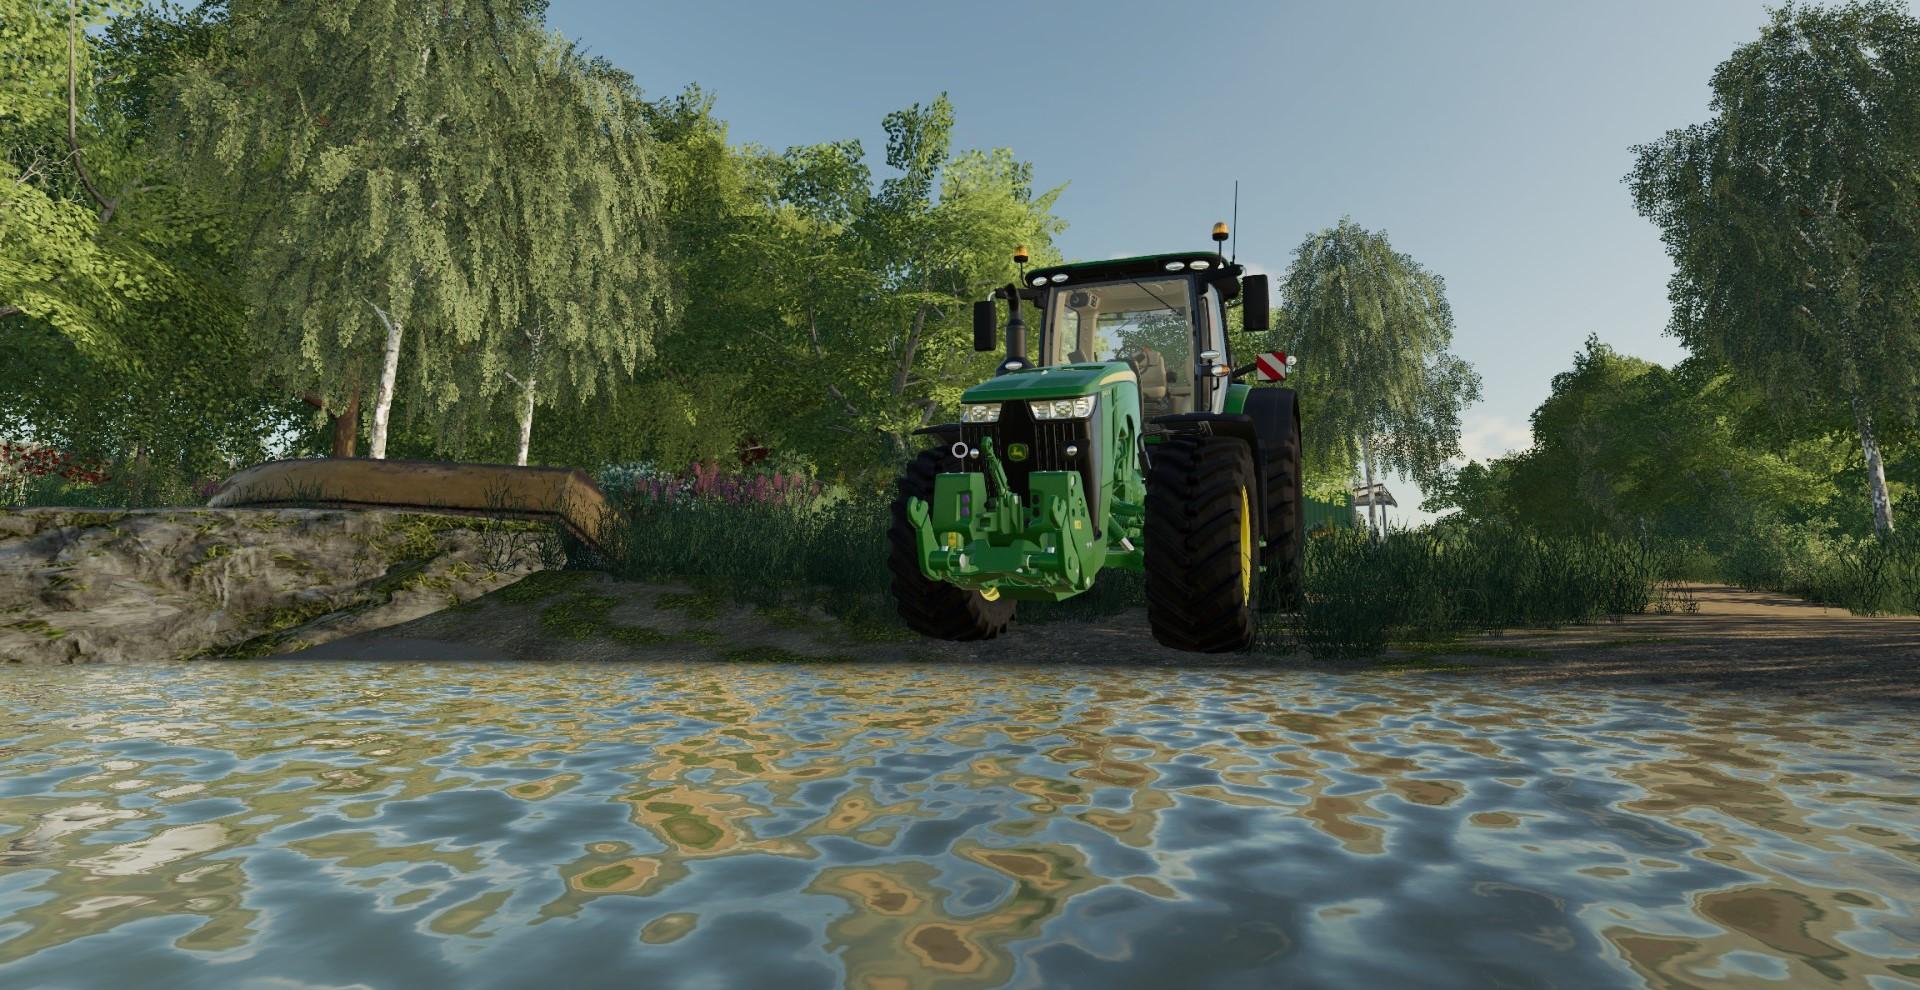 Lake John Deere 19 piece farming simulation game